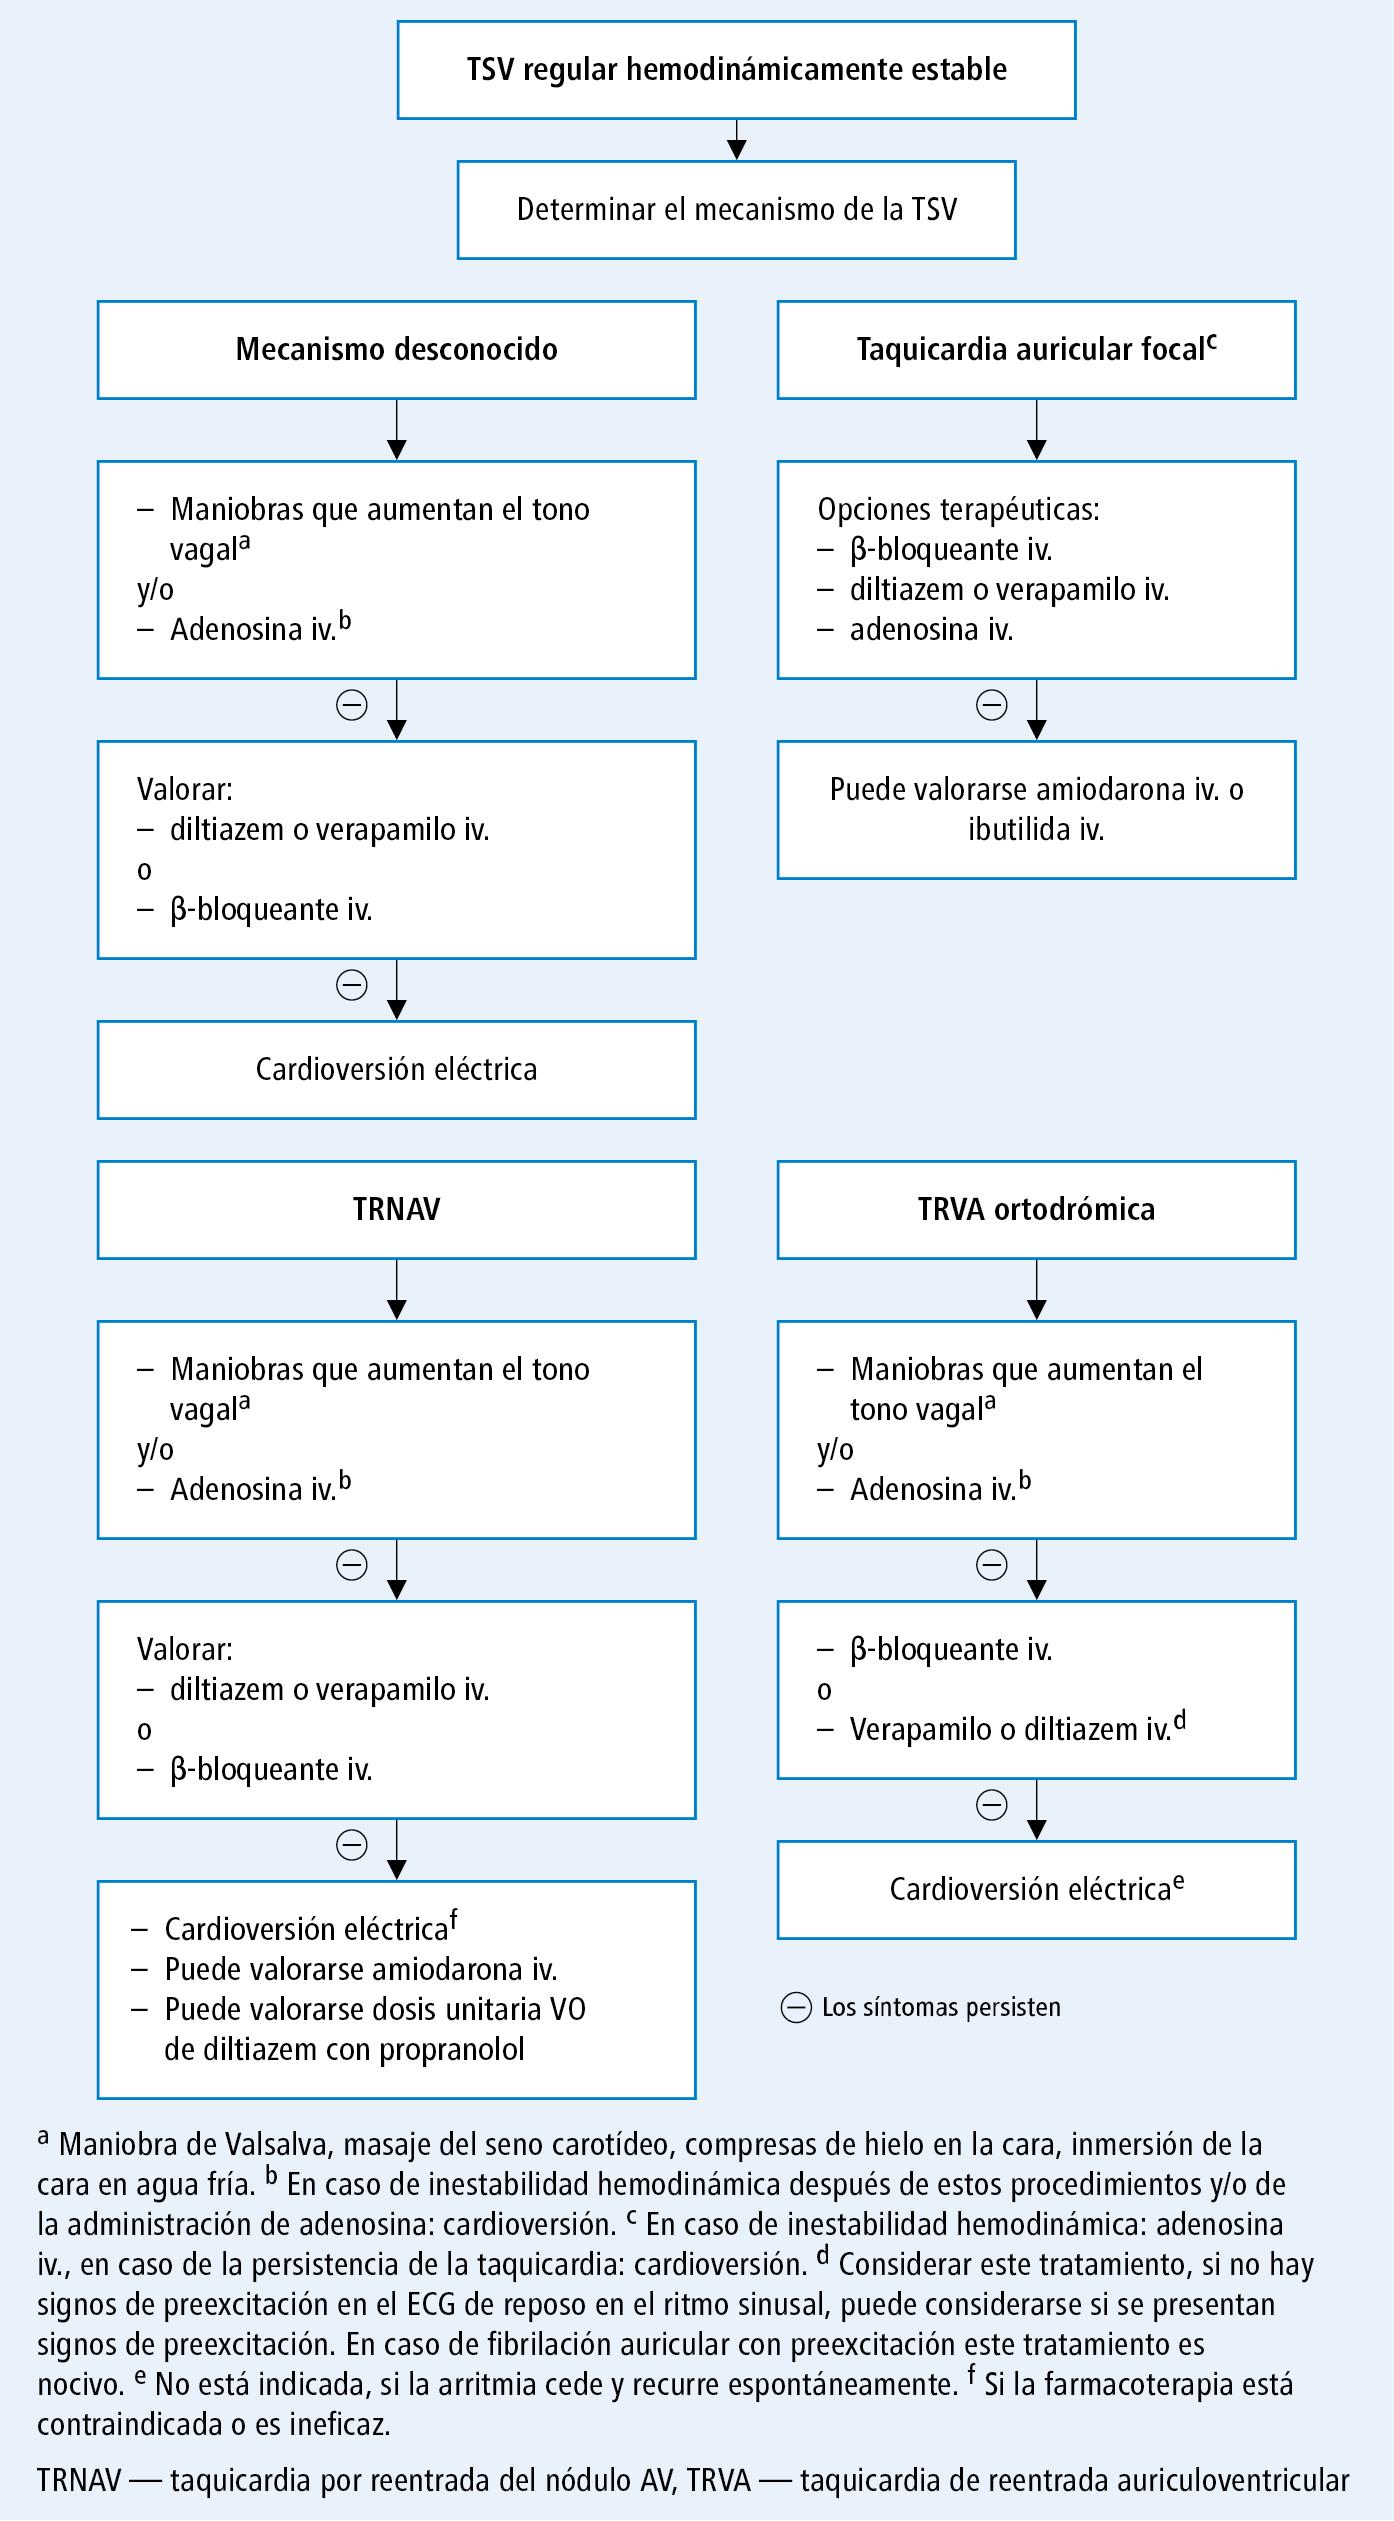 Tratamiento de emergencia de la taquicardia supraventricular (TVS) regular hemodinámicamente estable (según las guías de la ACC, AHA y HRS 2015 y el acuerdo de la EHRA 2016, modificado)